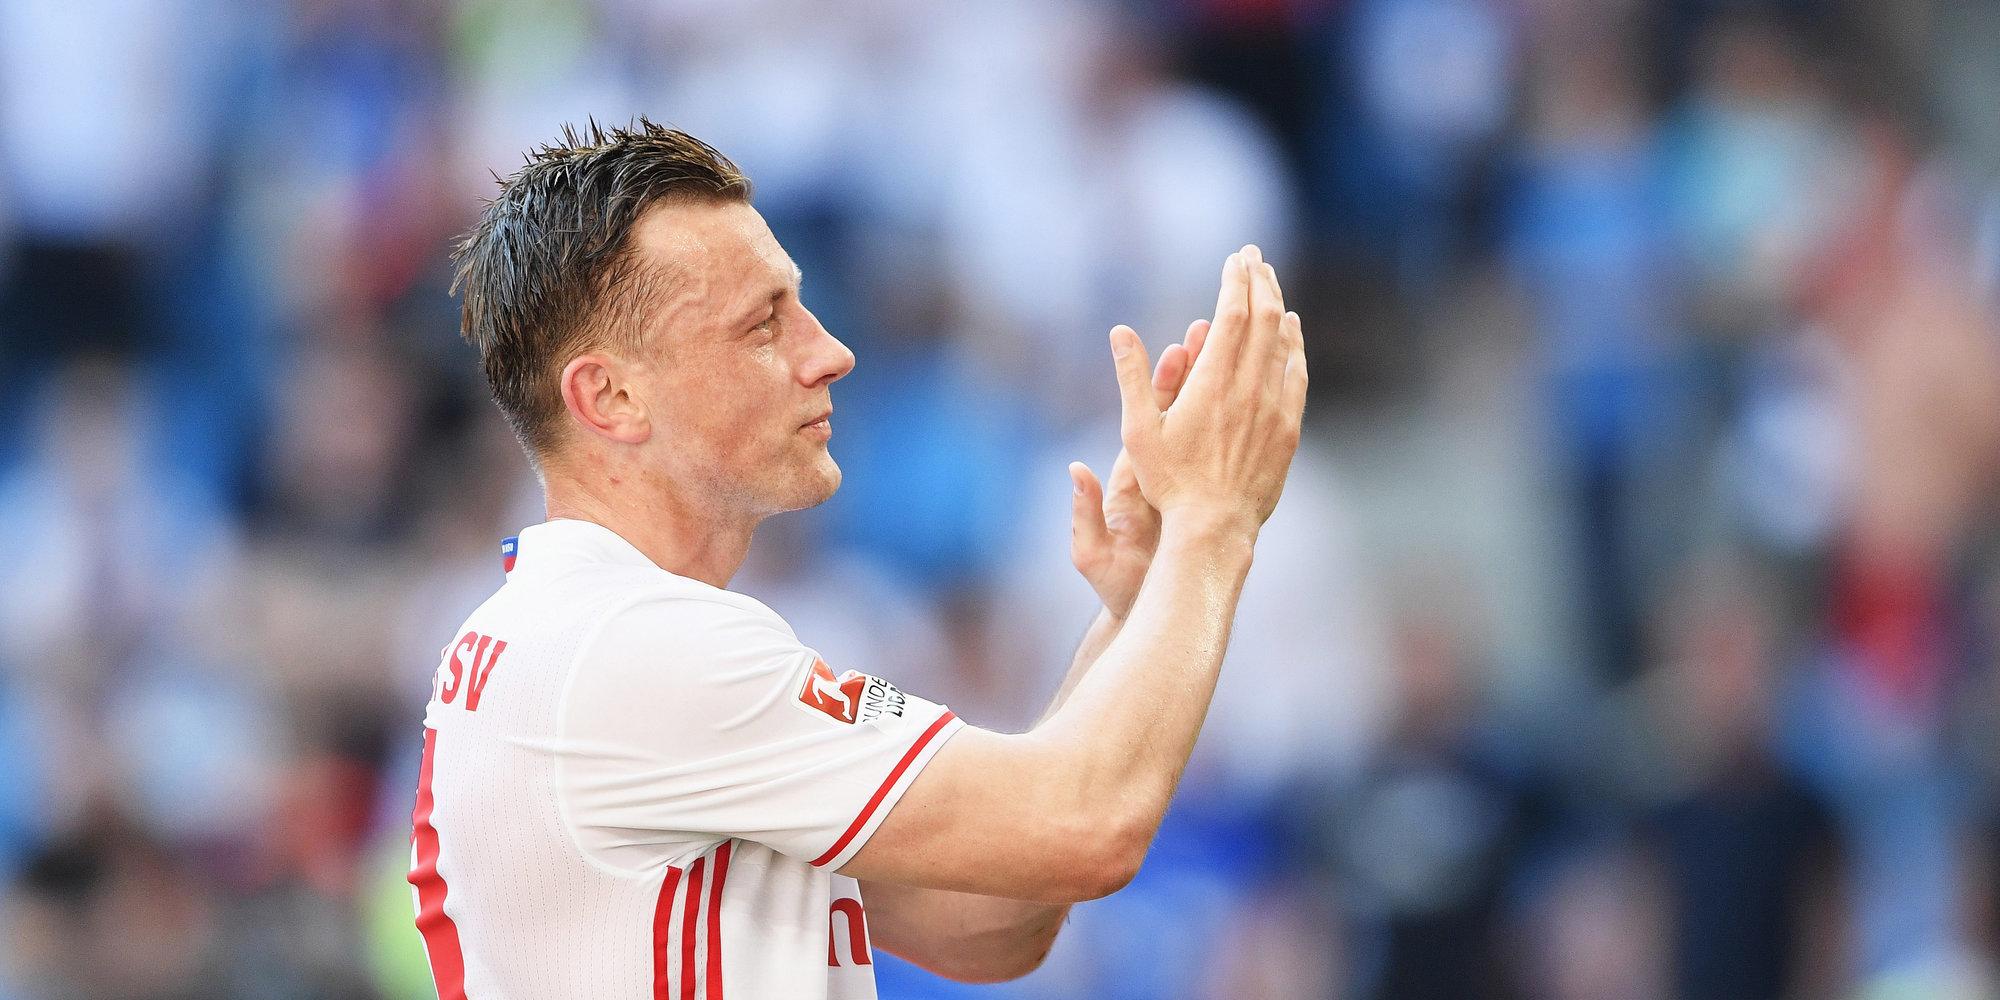 Бывший футболист ЦСКА Олич завершил карьеру игрока